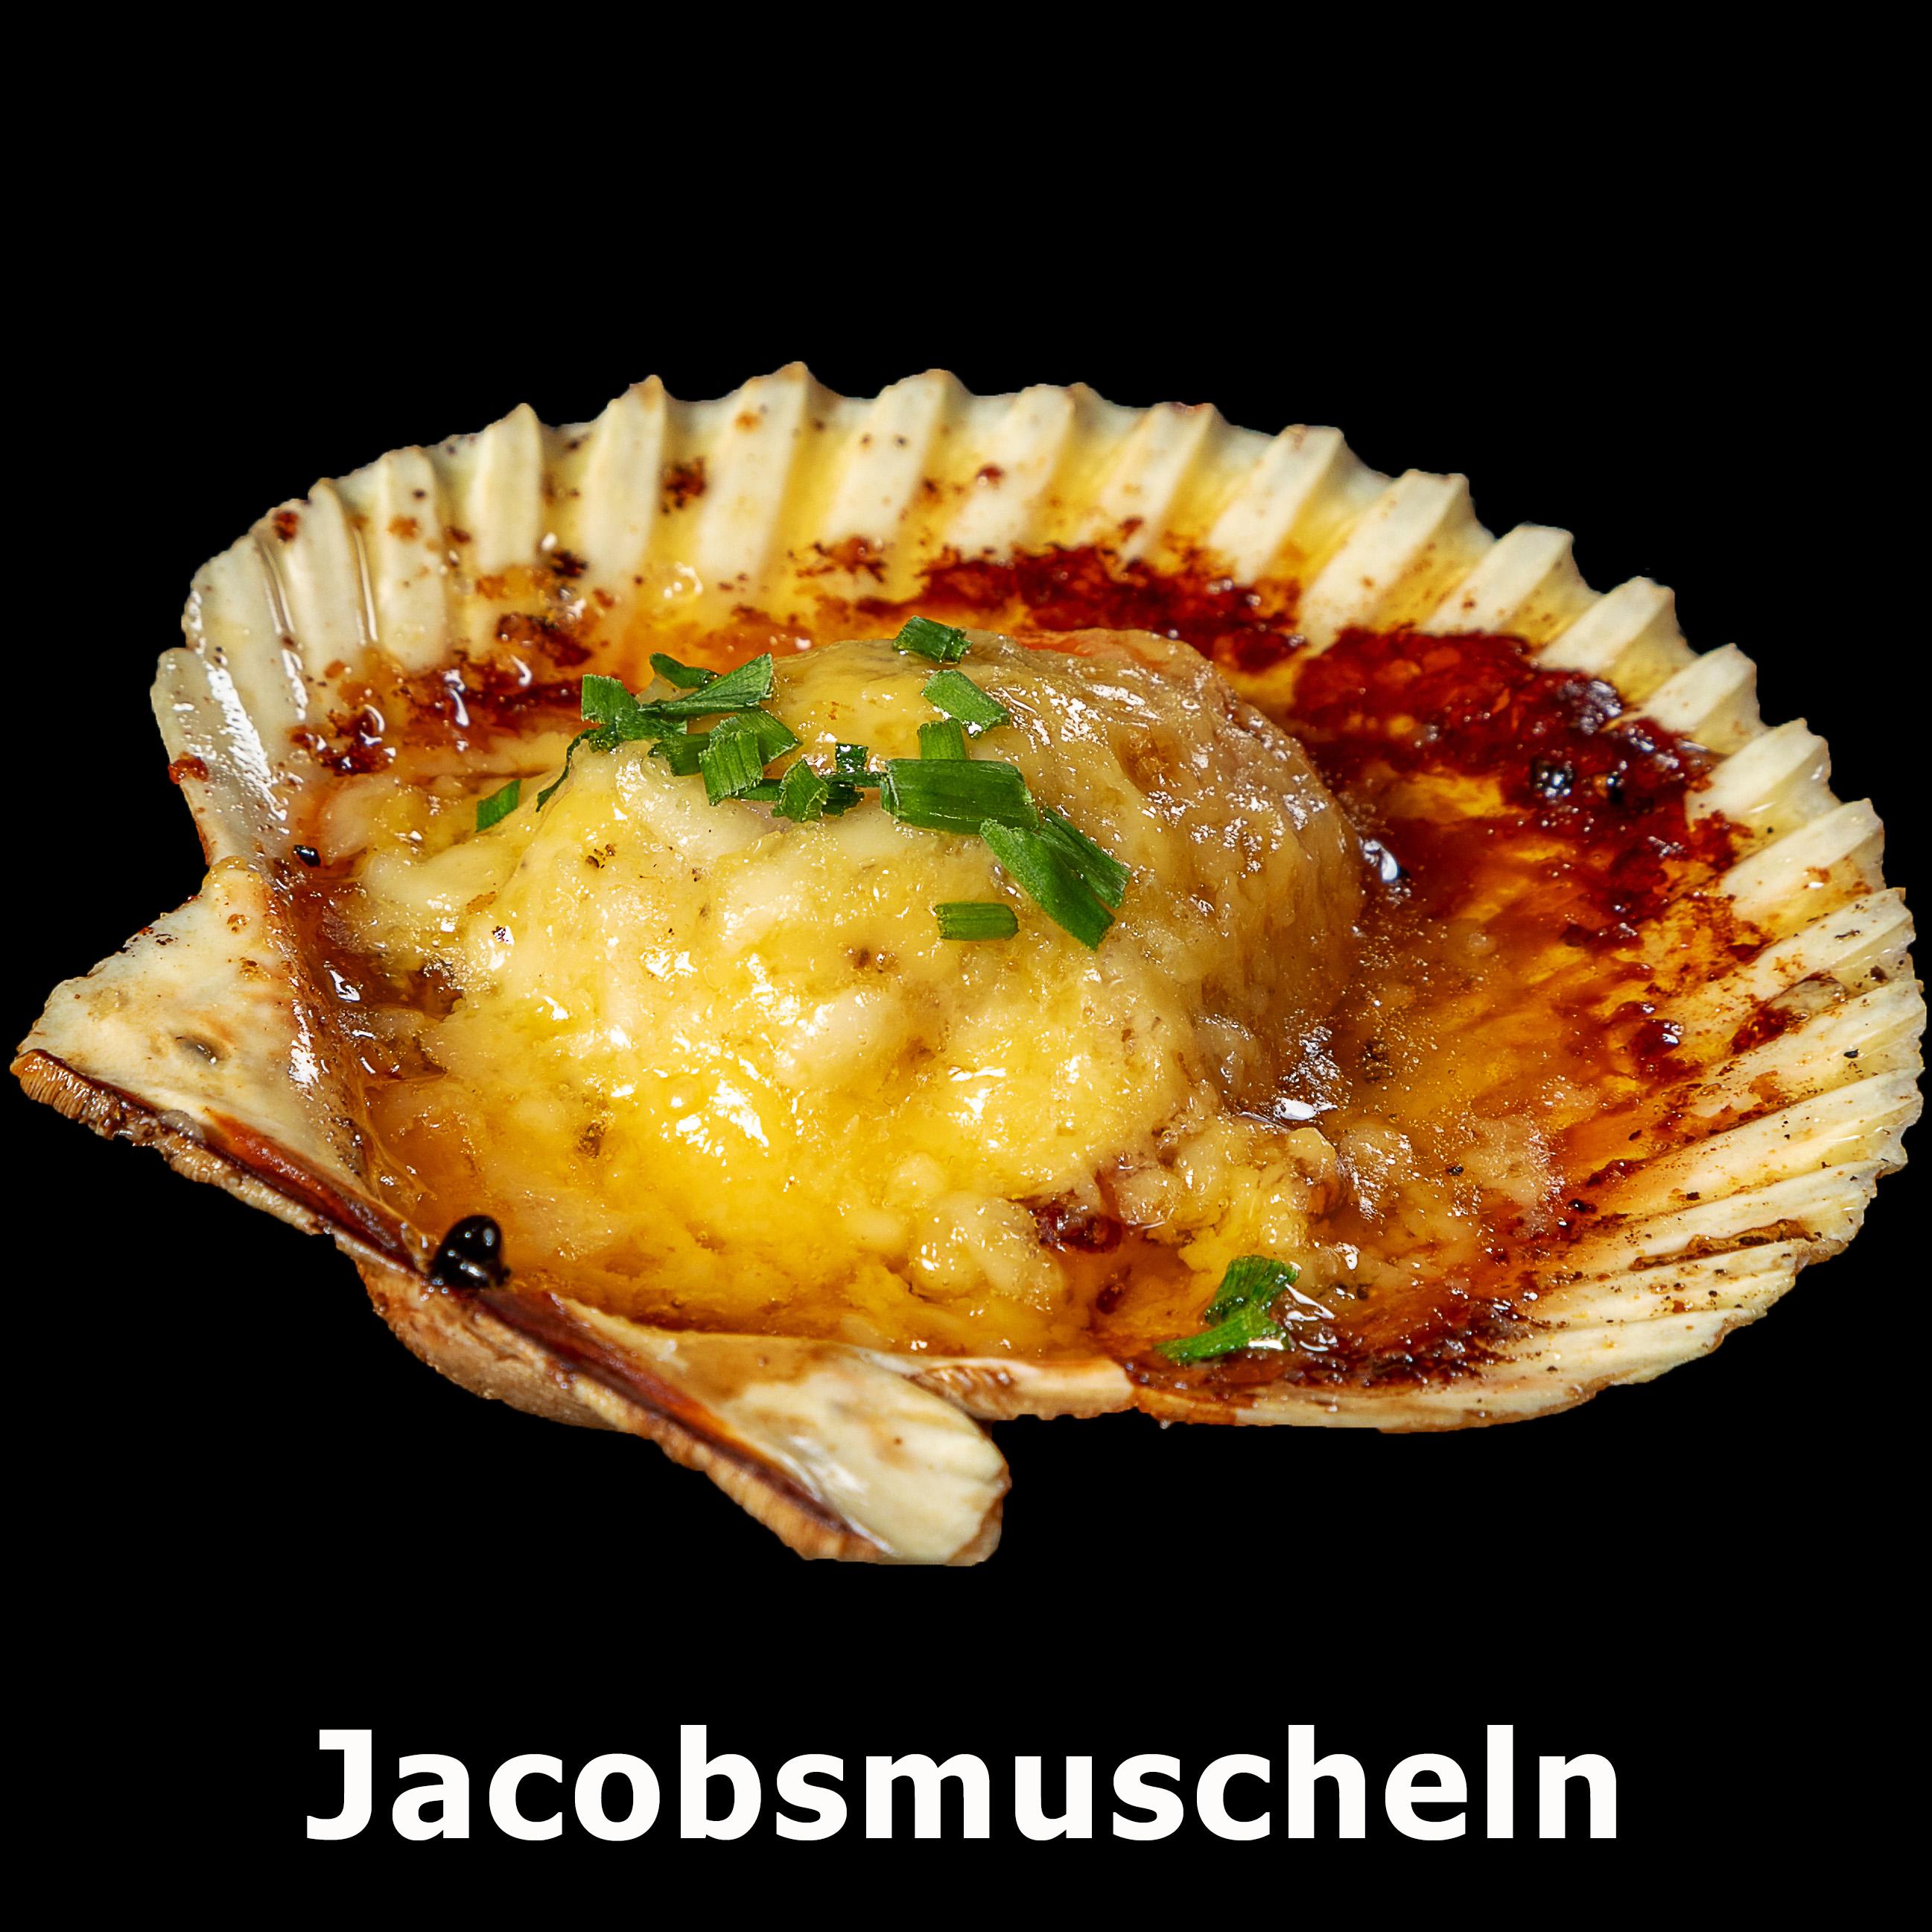 138. Jacobsmuscheln